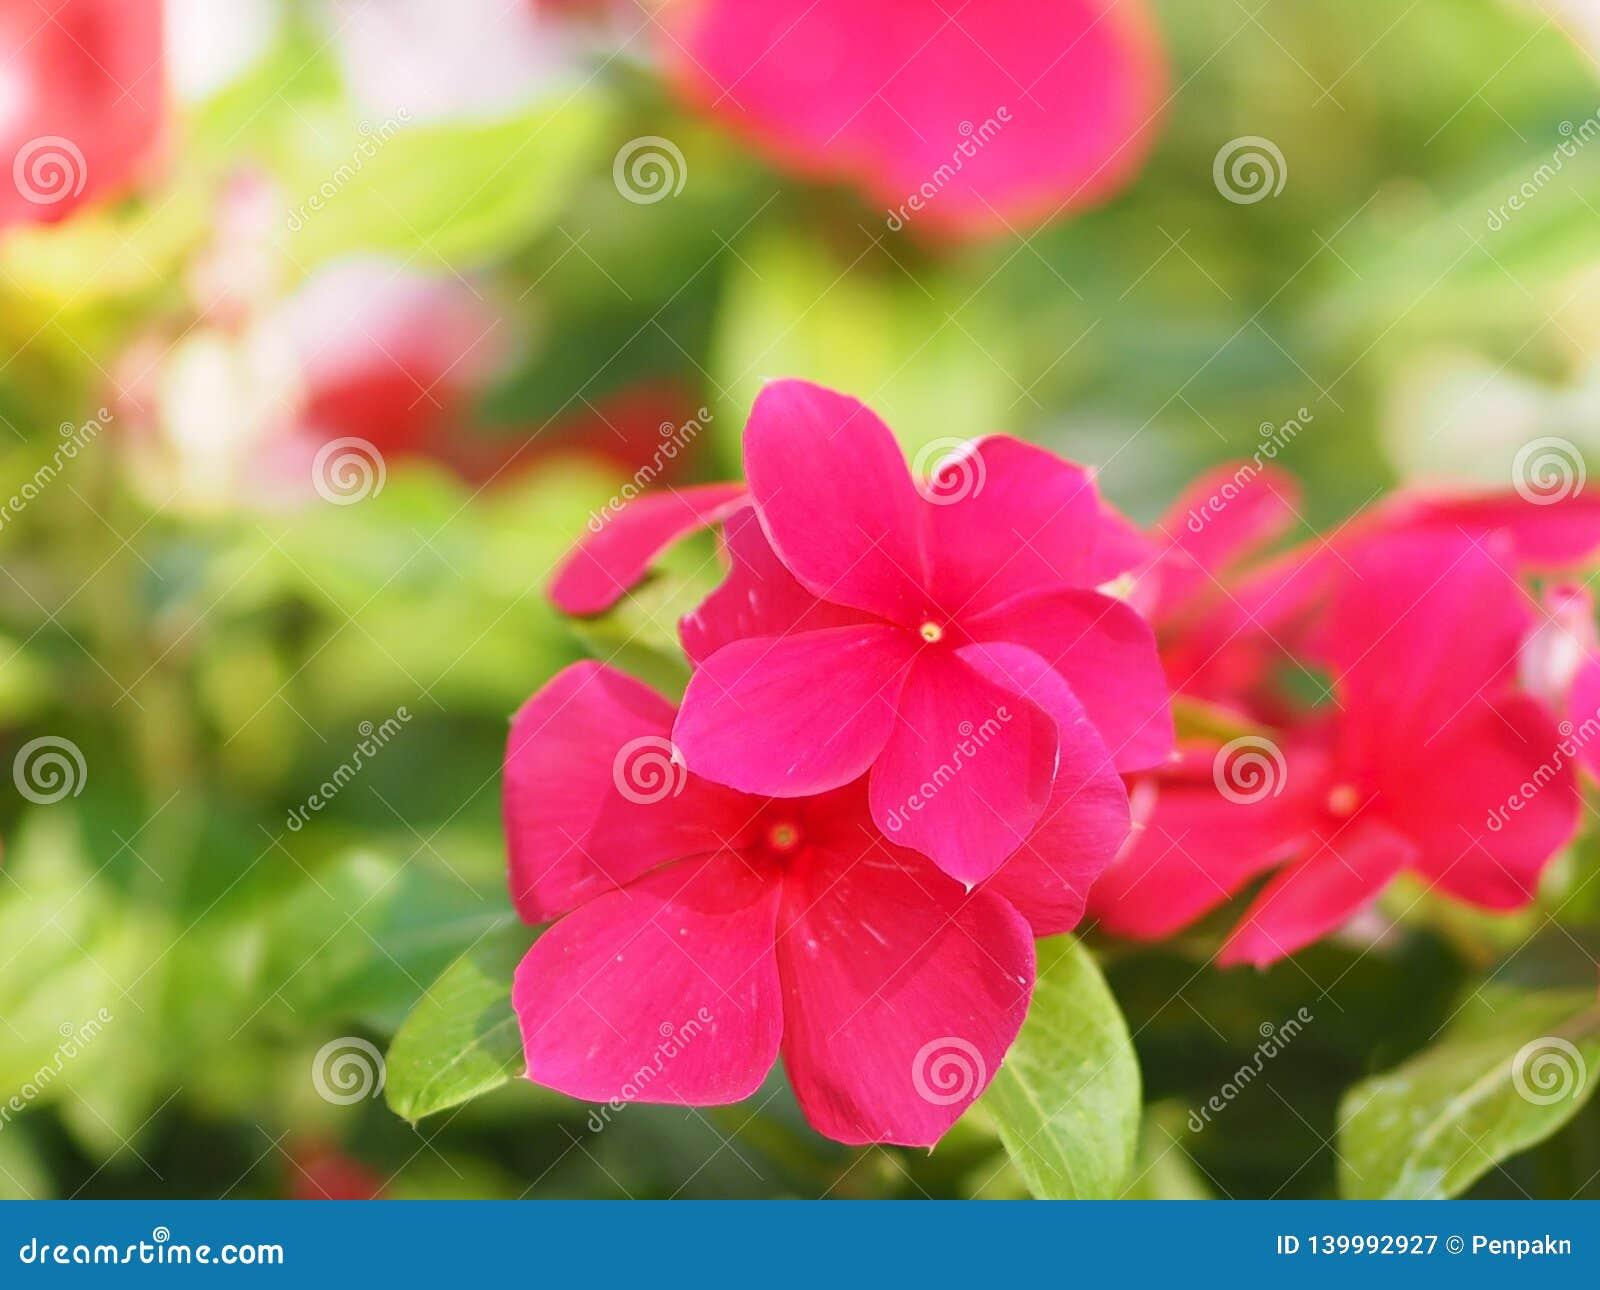 Flor del rosa y blanca en el roseus del berro Madagasca o de Rose Periwinkle Catharanthus del fondo de la falta de definición her